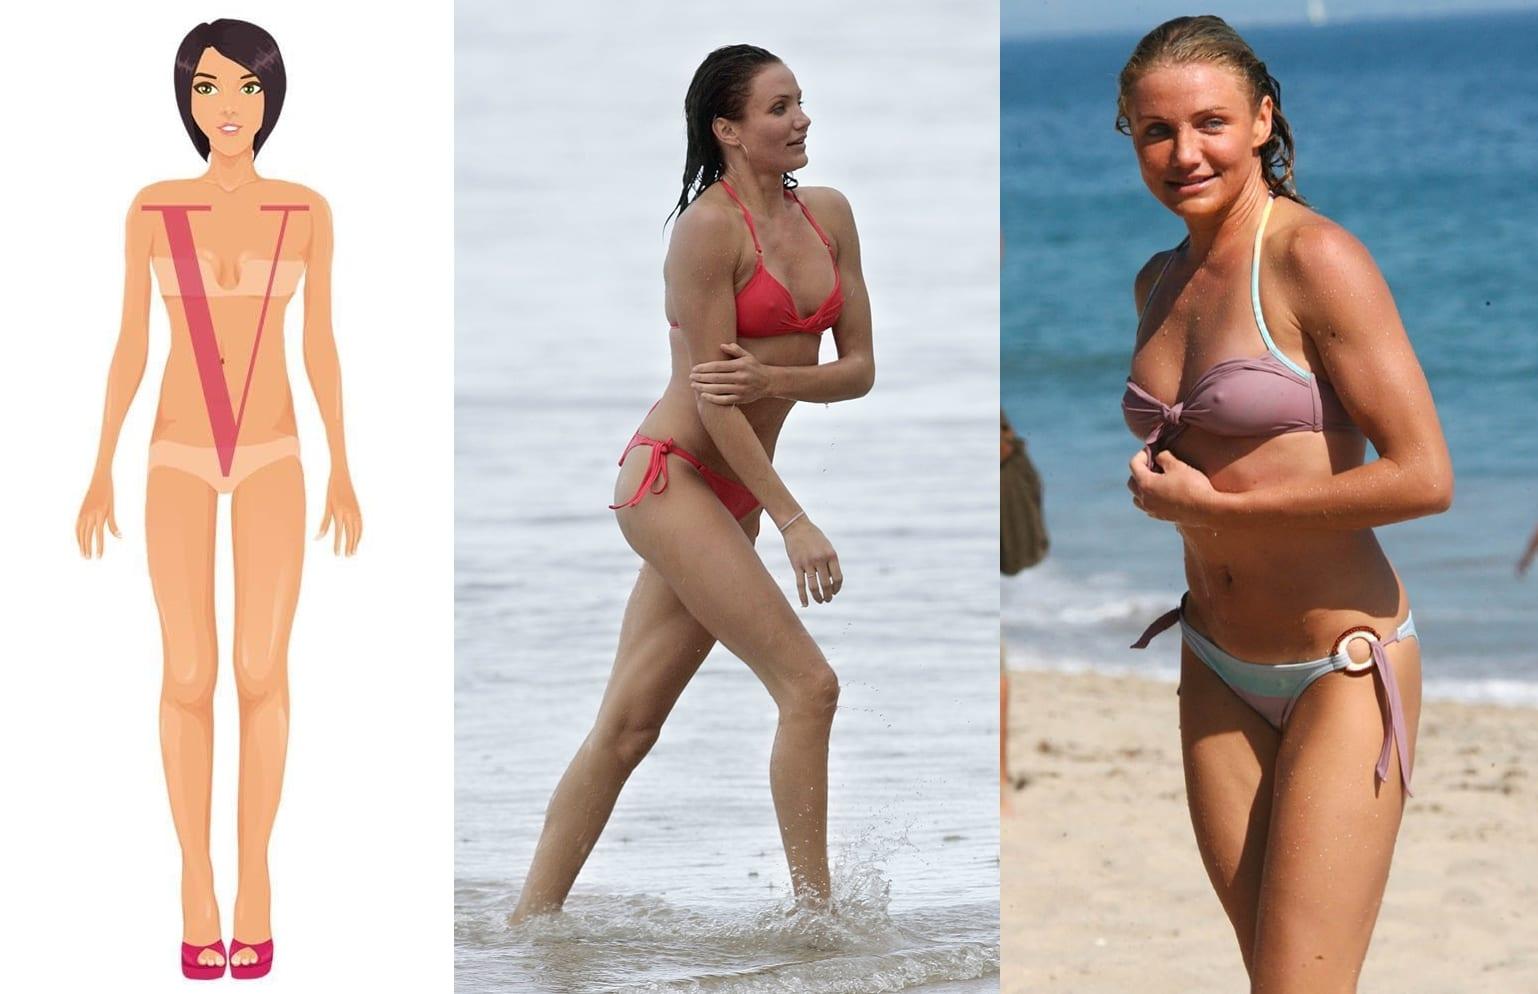 555c5c805cc64 Comment choisir ton maillot de bain en fonction de ta morphologie